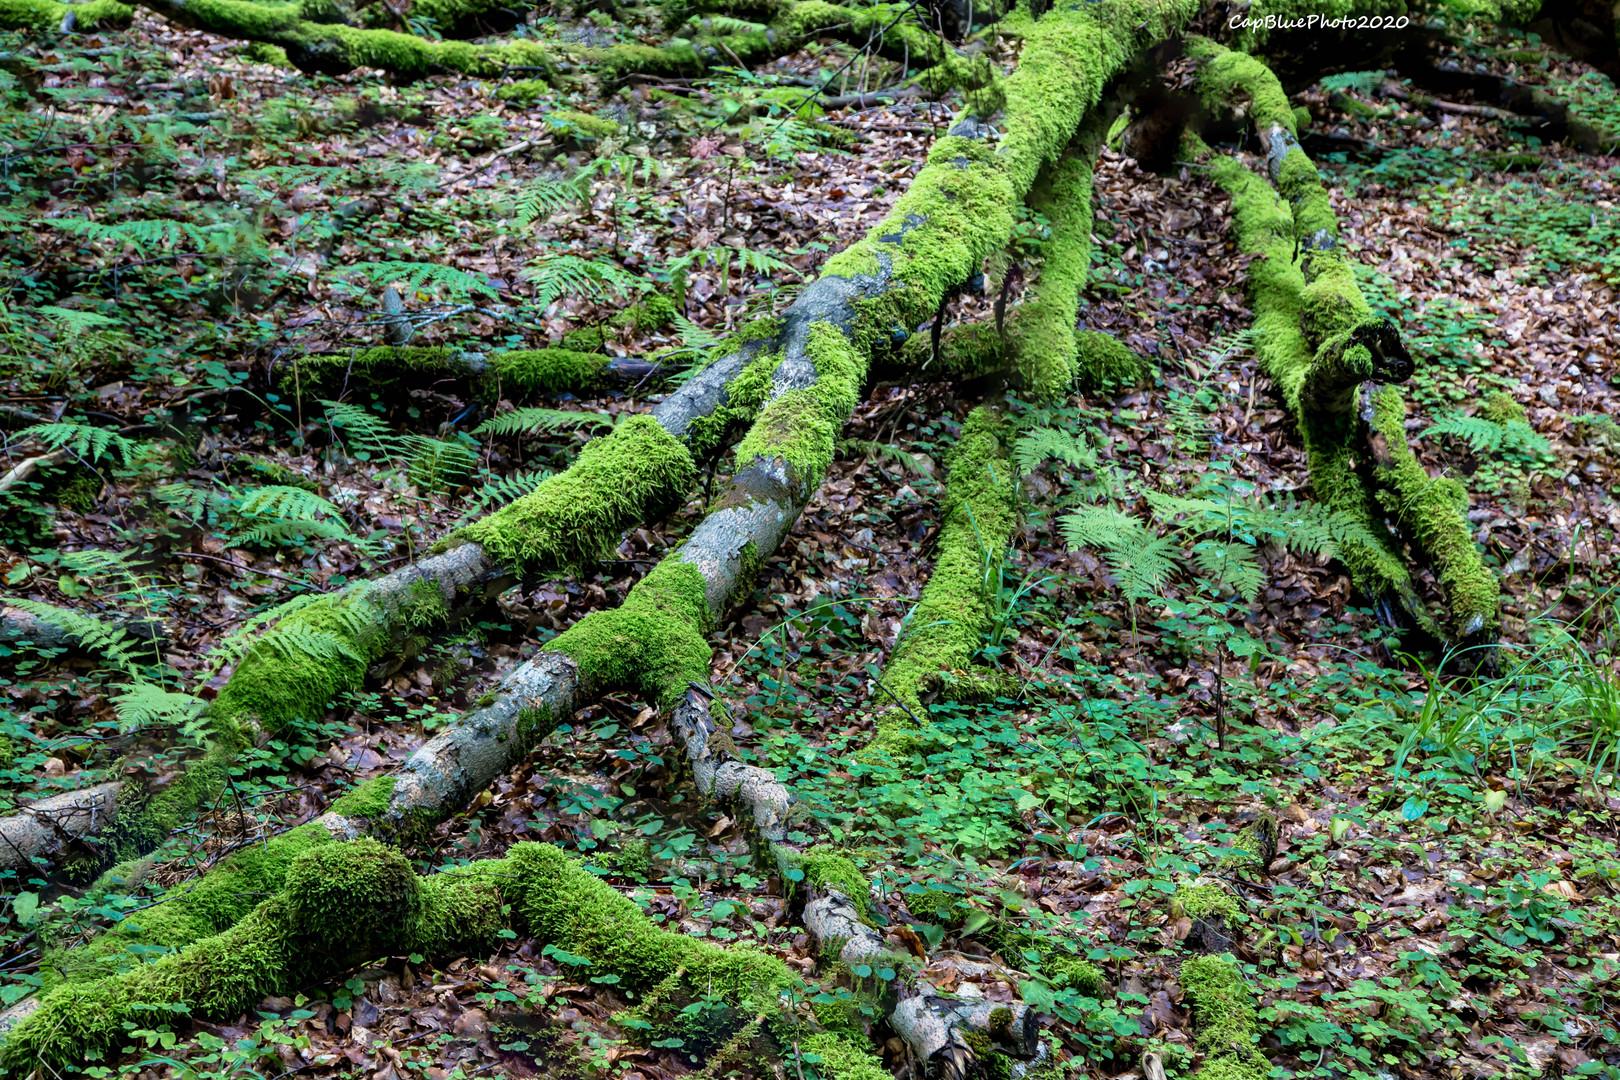 Wurzelstrukturen mit Moos an einem Baum